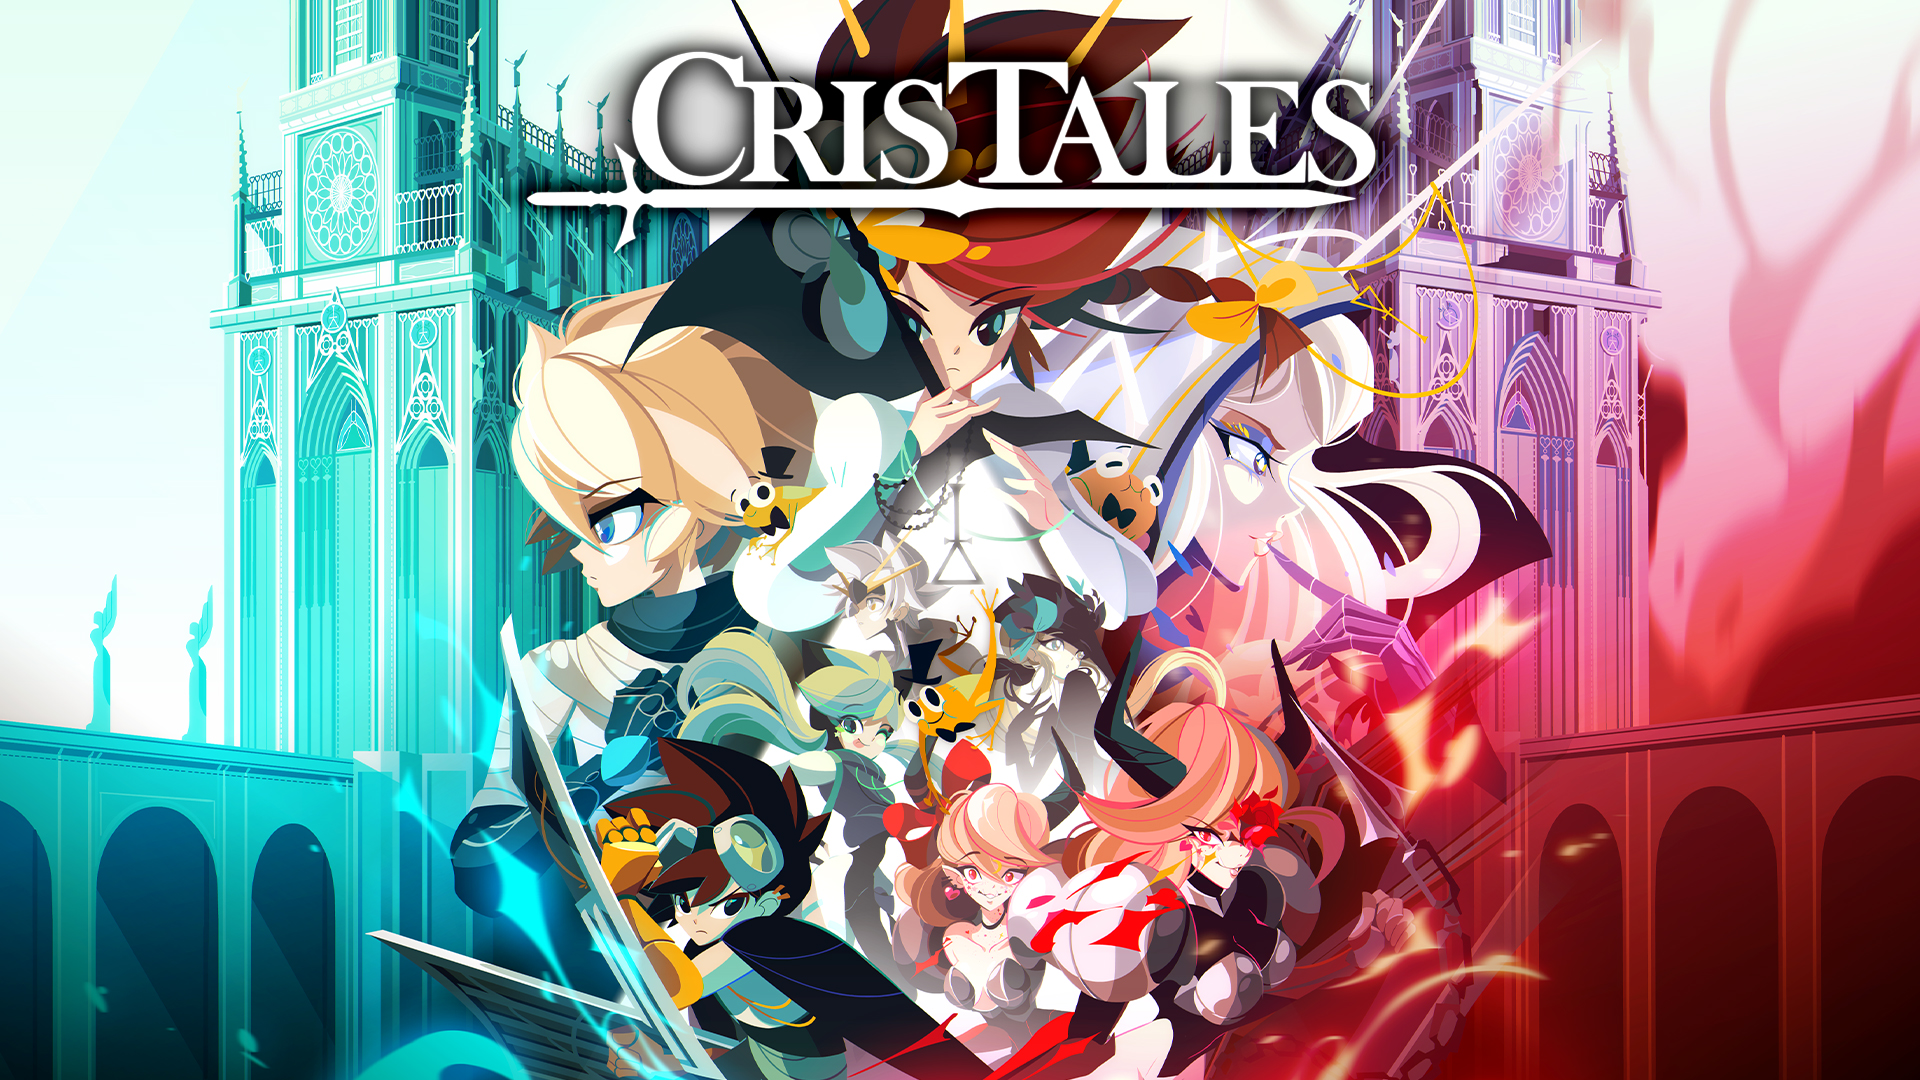 cris tales hd wallpaper 72886